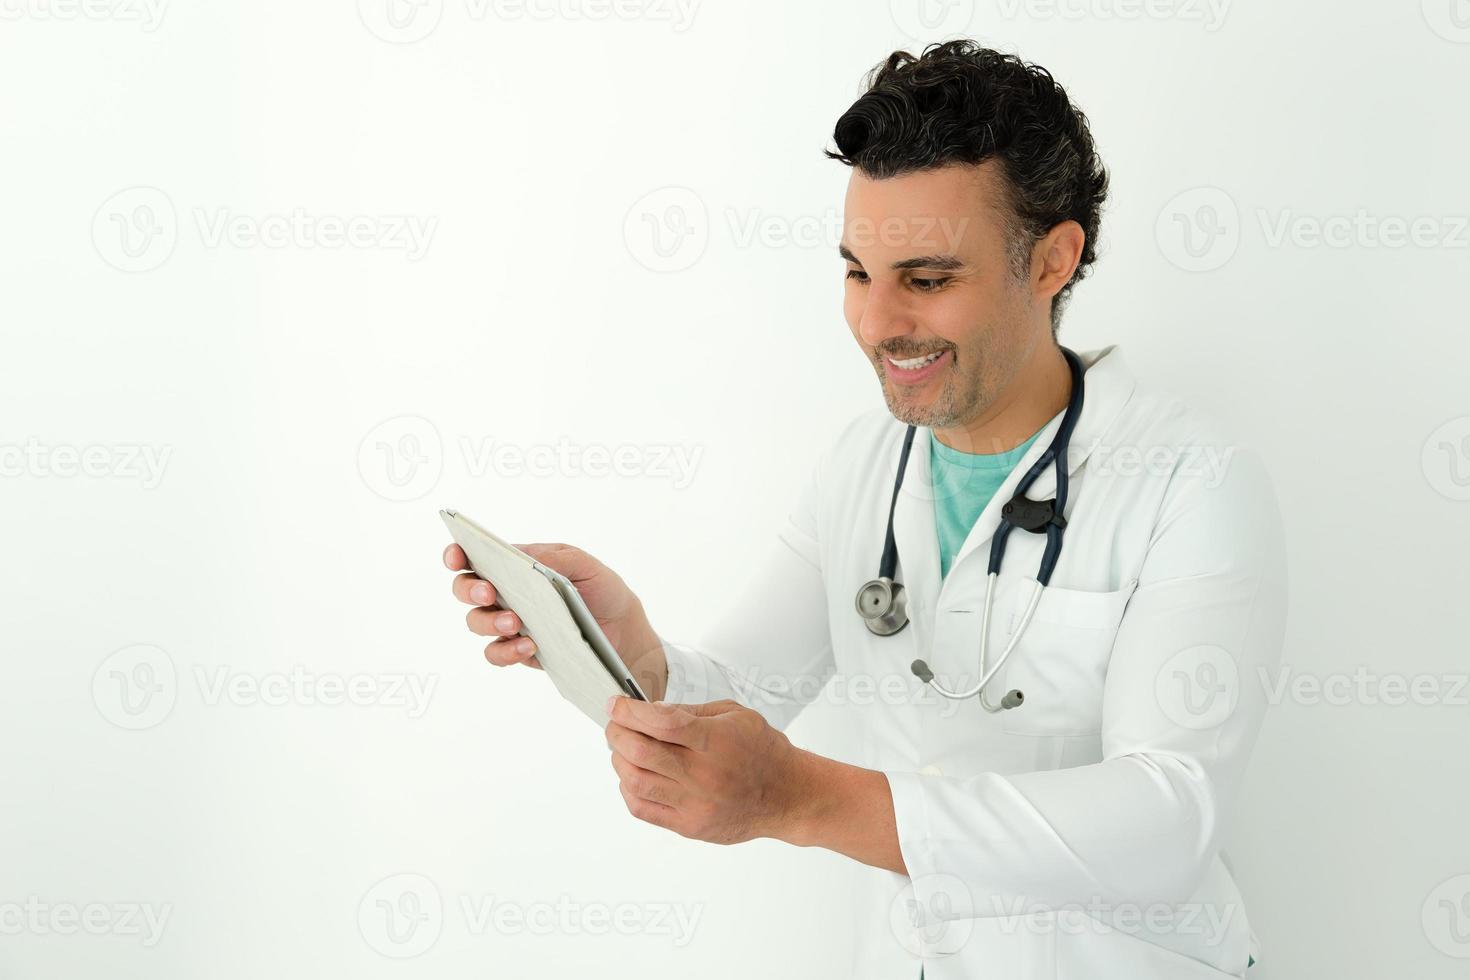 médico na clínica olhando as informações foto